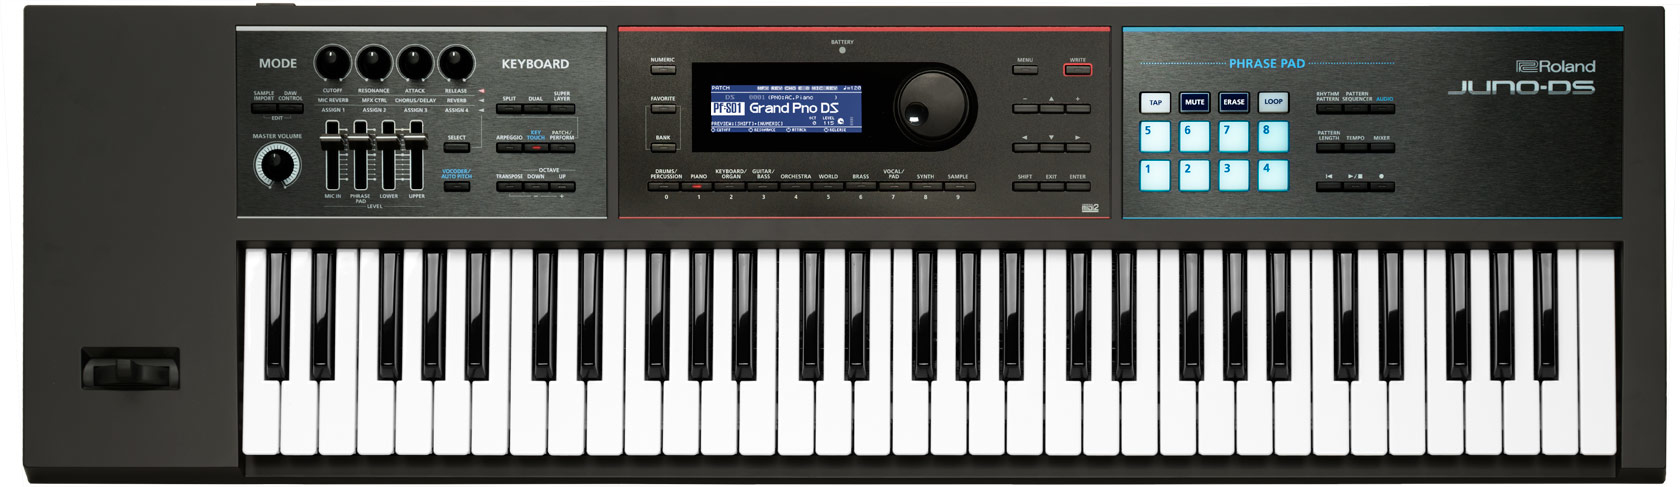 Roland JUNO-DS61 synthétiseur 61 touches Noir